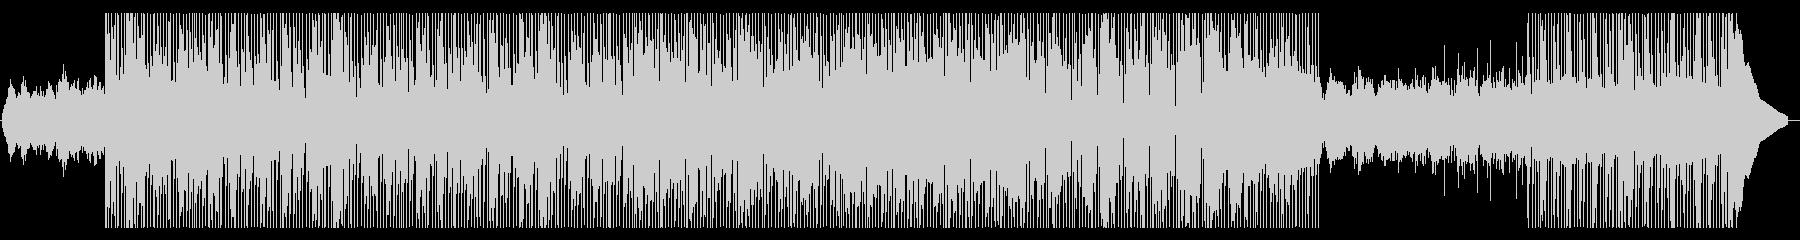 デトックスな印象とテンポなサウンドの未再生の波形